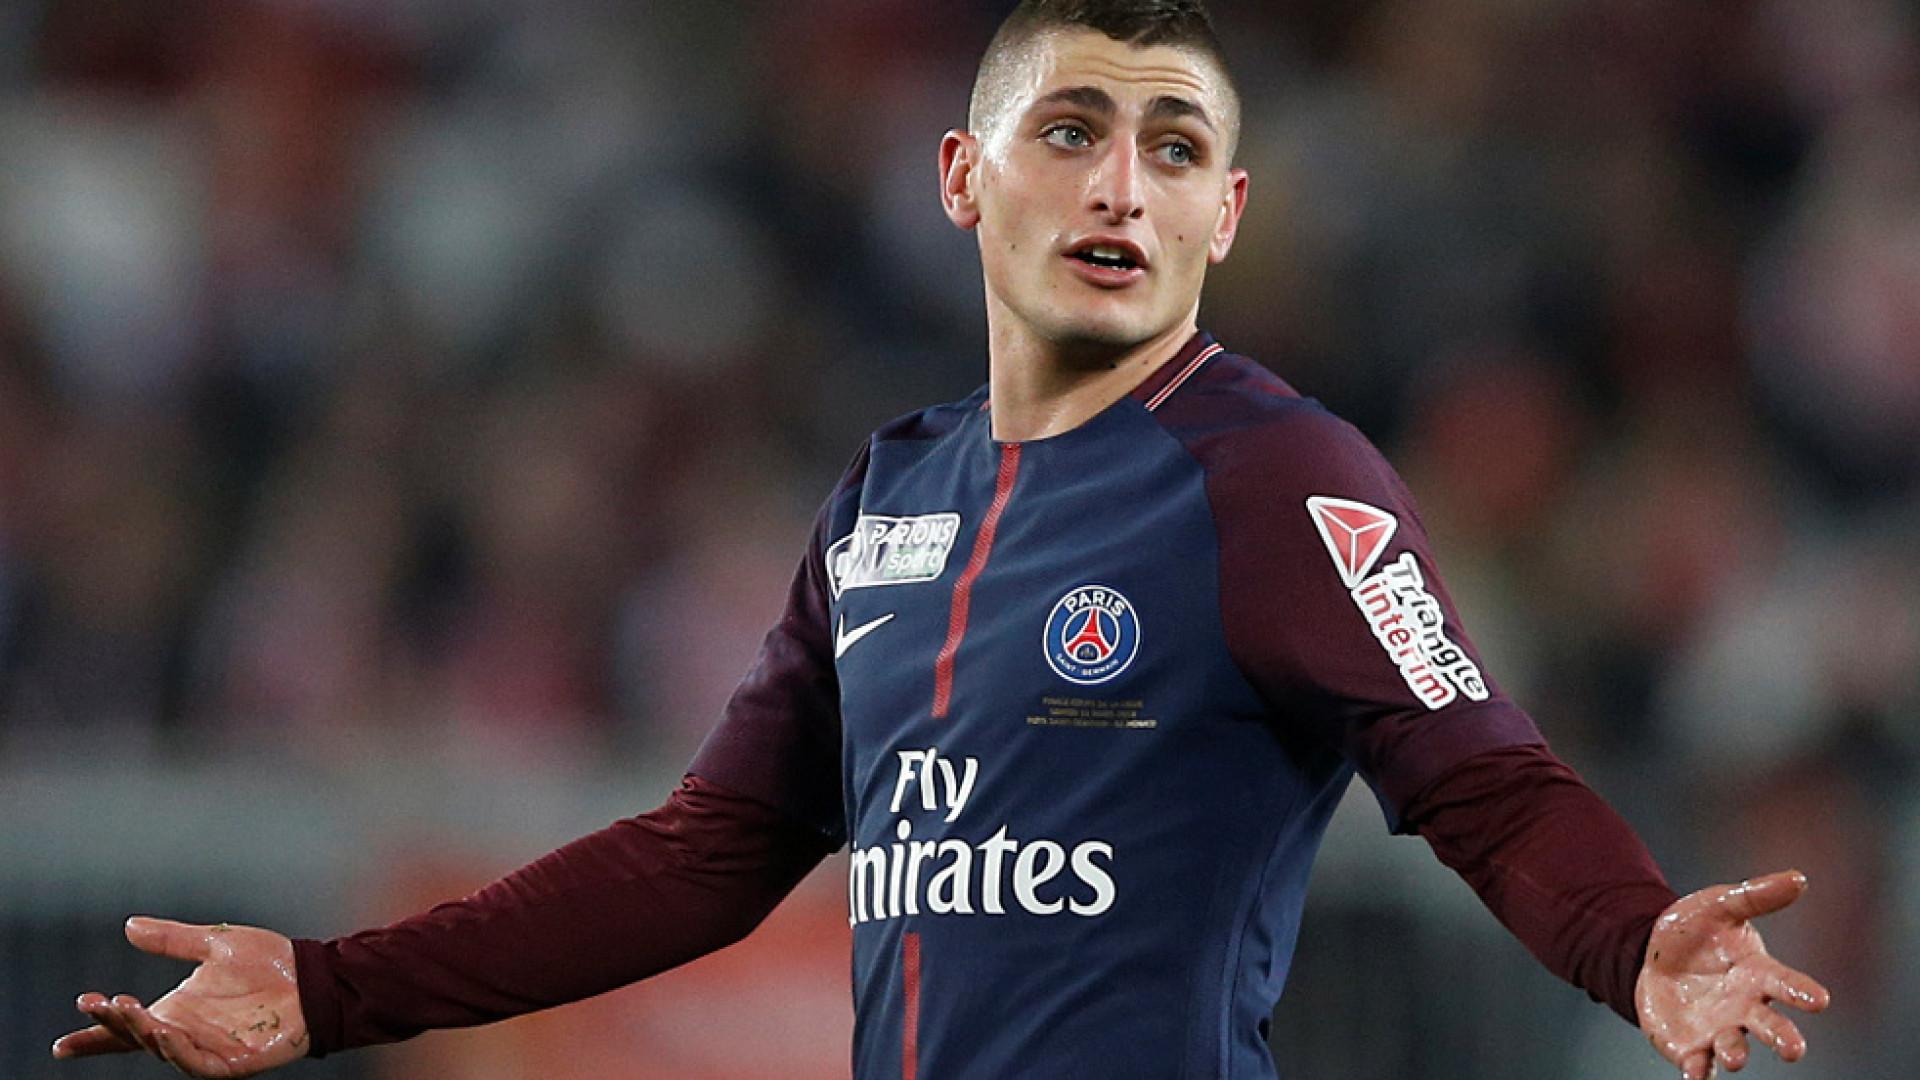 Jogador do Paris Saint-Germain foi preso na última noite